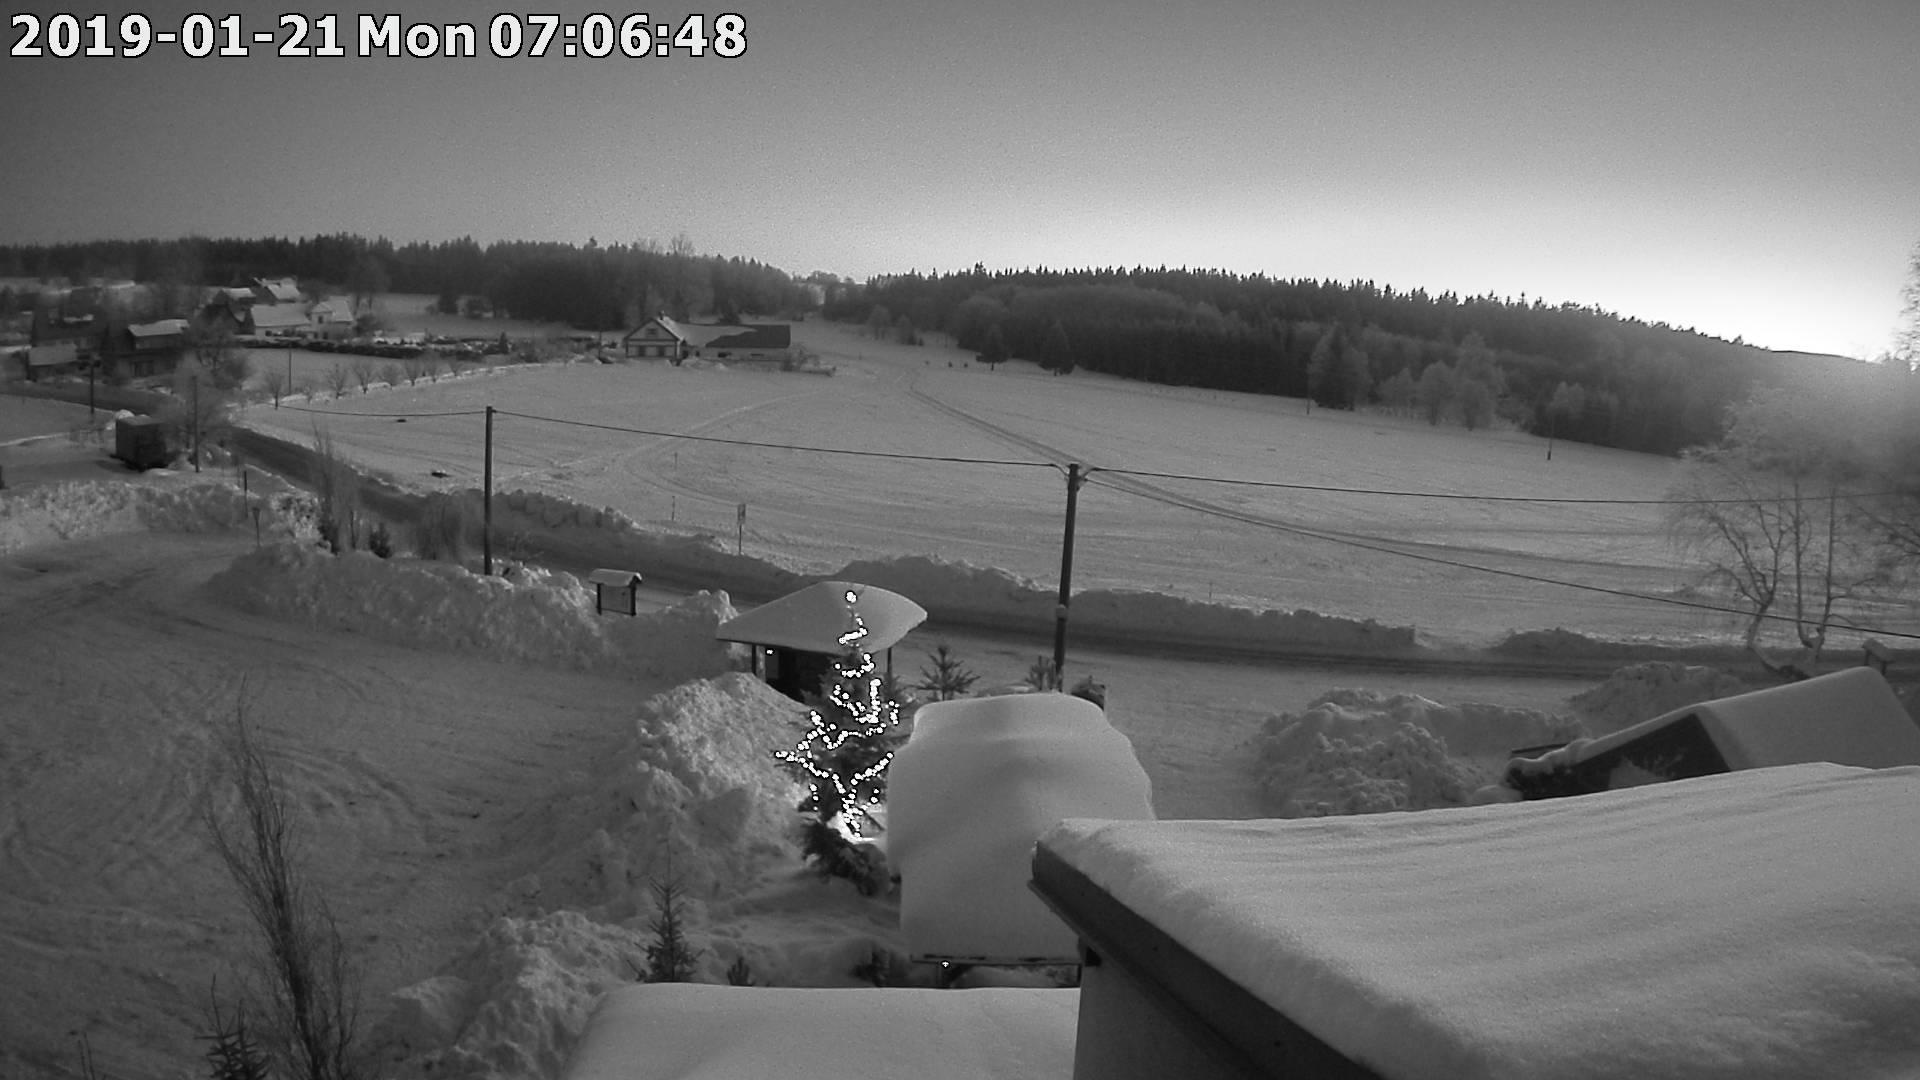 Webkamera ze dne 2019-01-21